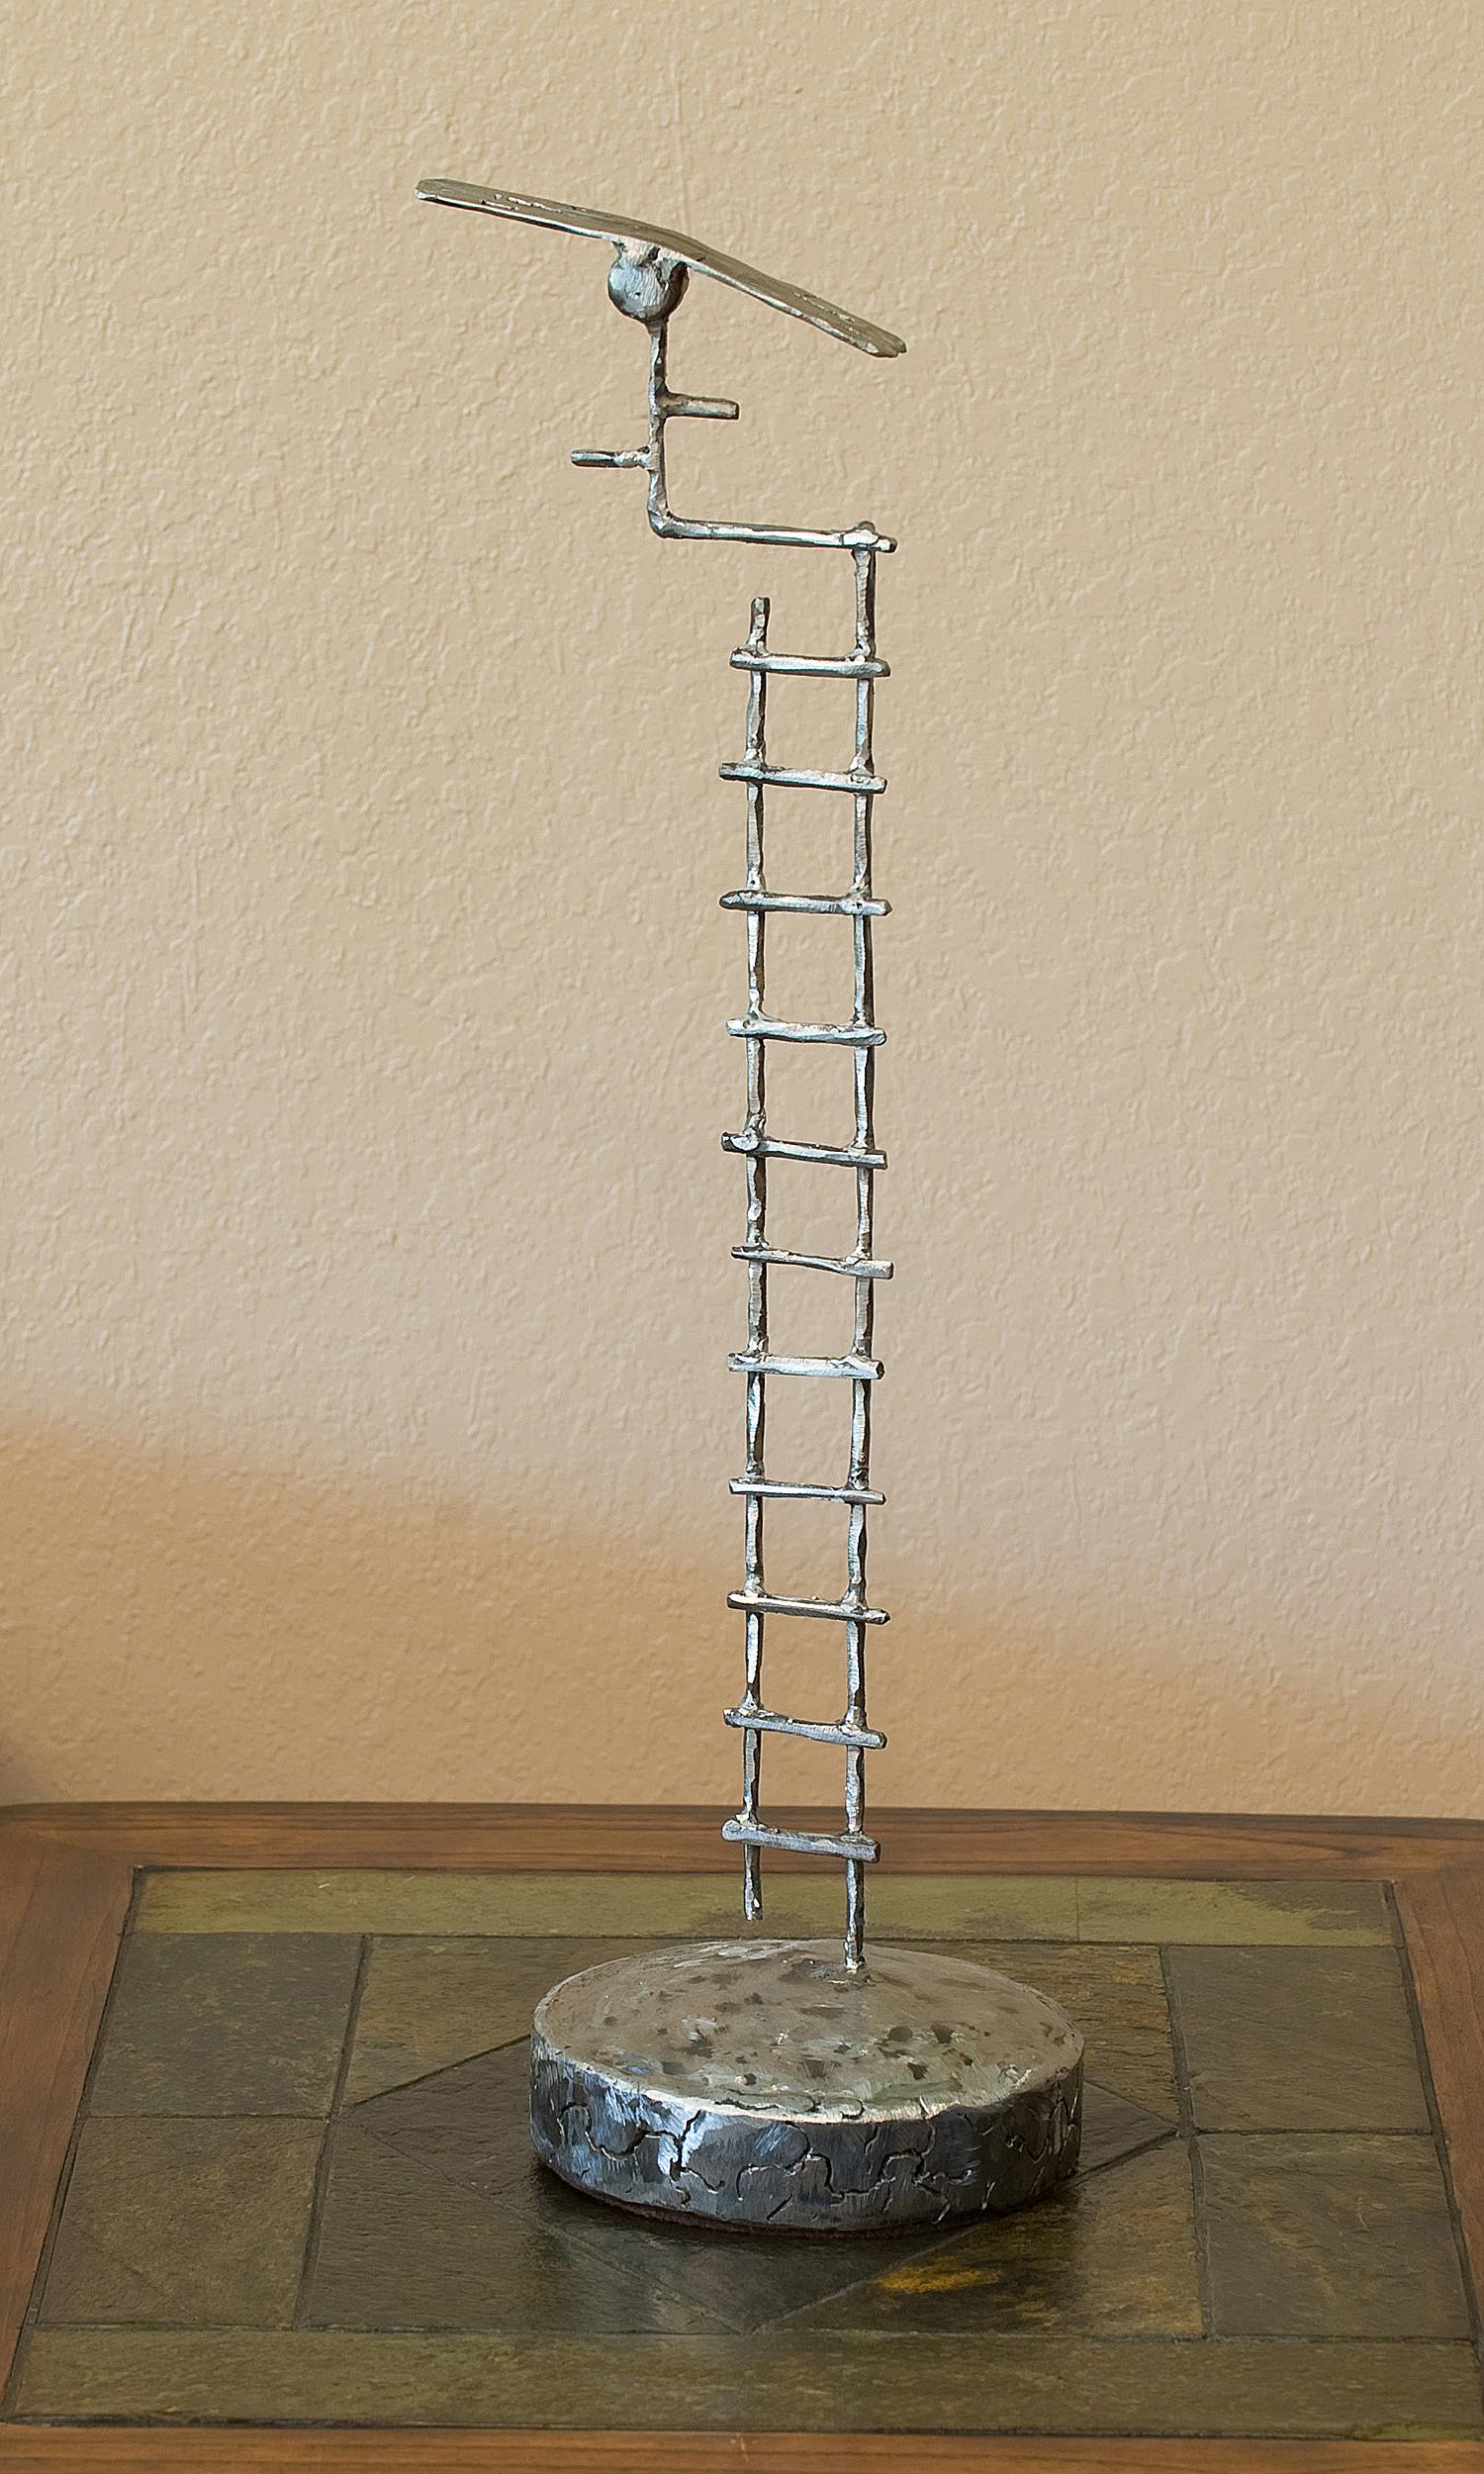 Ladder Sculpture